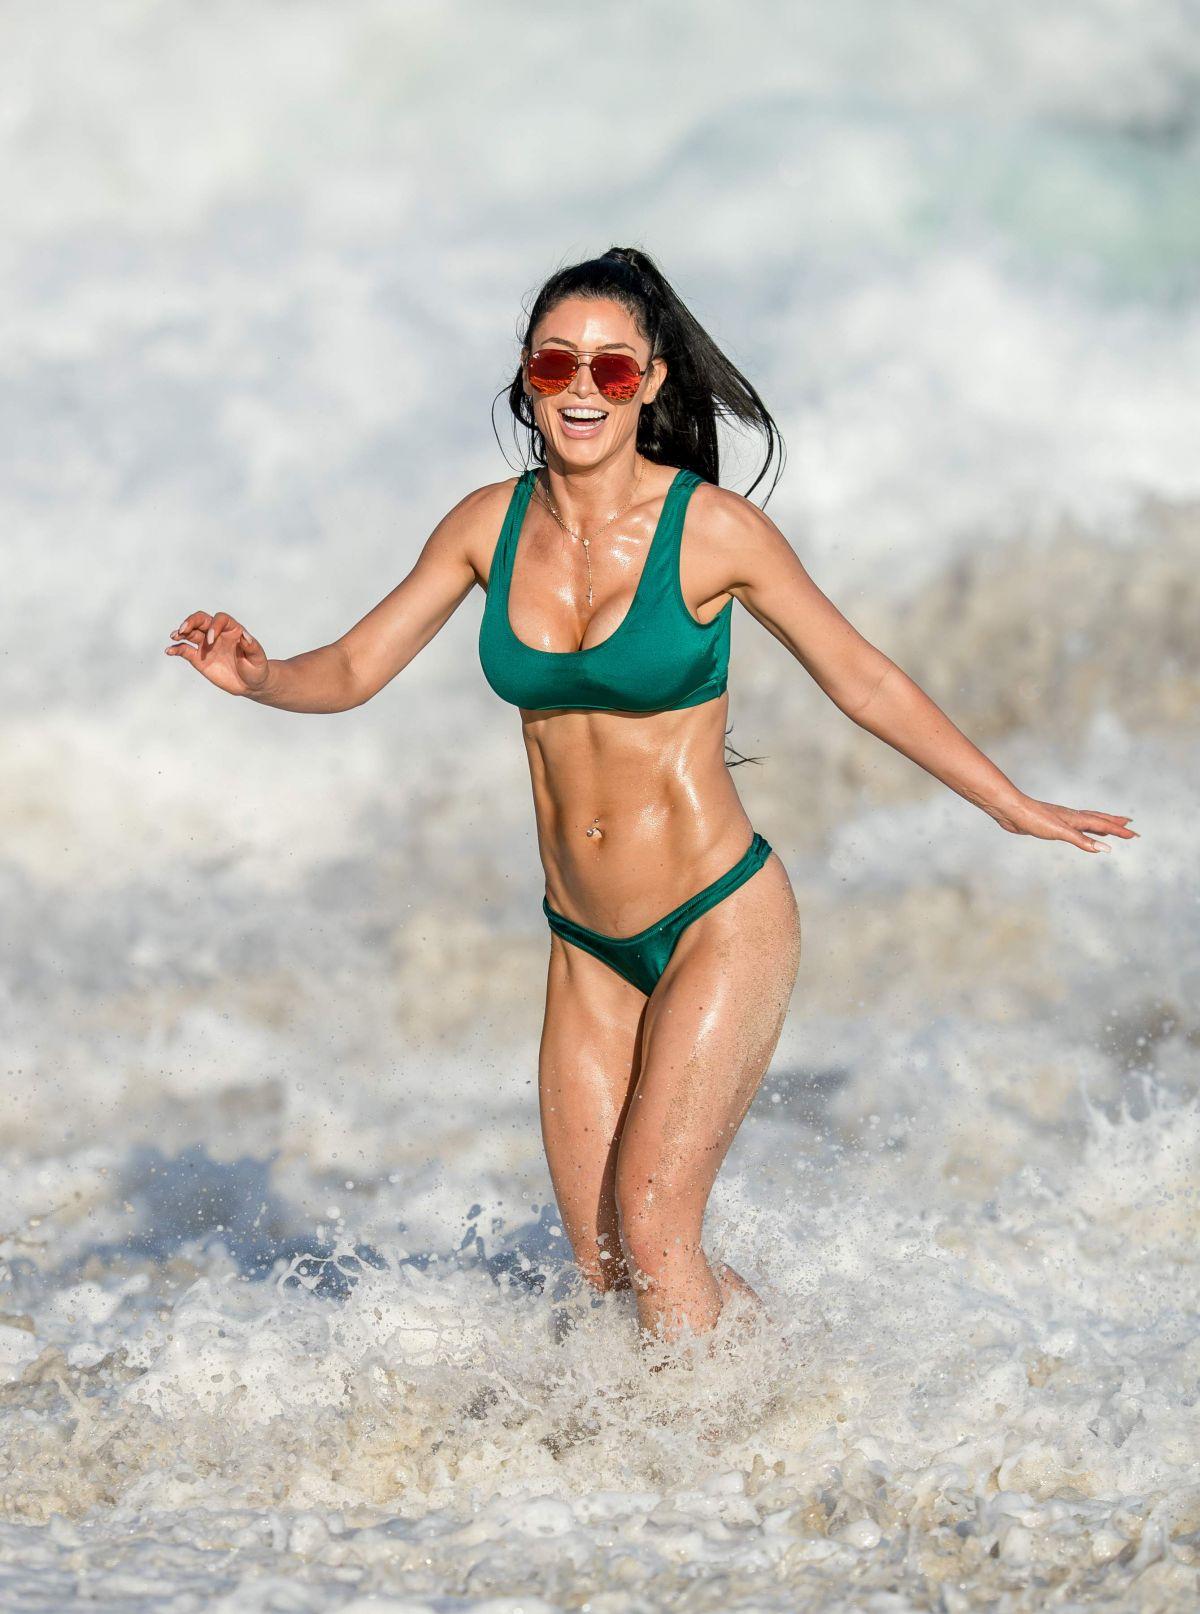 Paparazzi Isabeli Fontana nude photos 2019